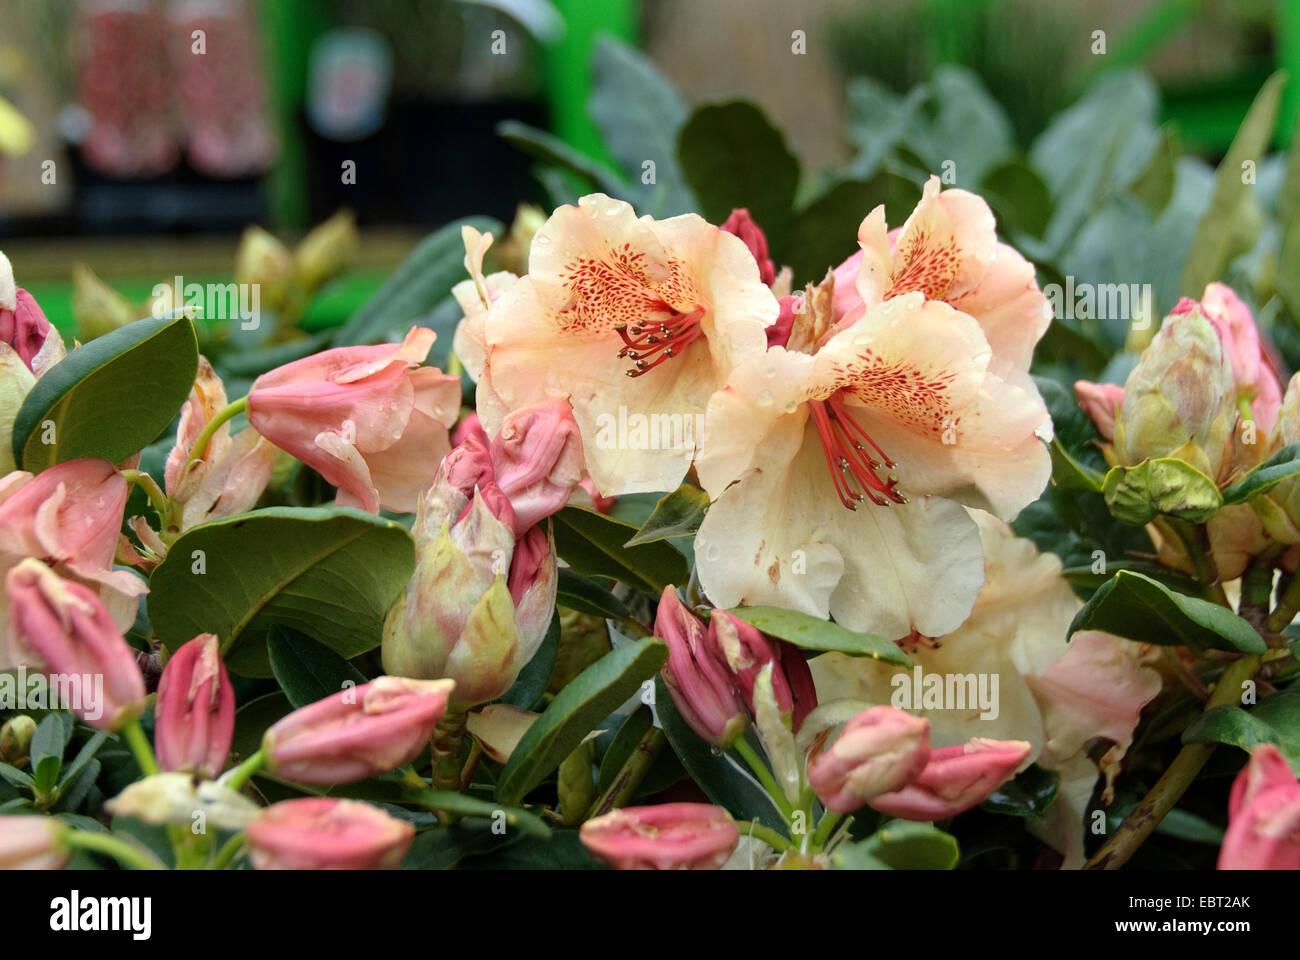 rhododendron (Rhododendron 'Viscy', Rhododendron Viscy), cultivar Viscy - Stock Image